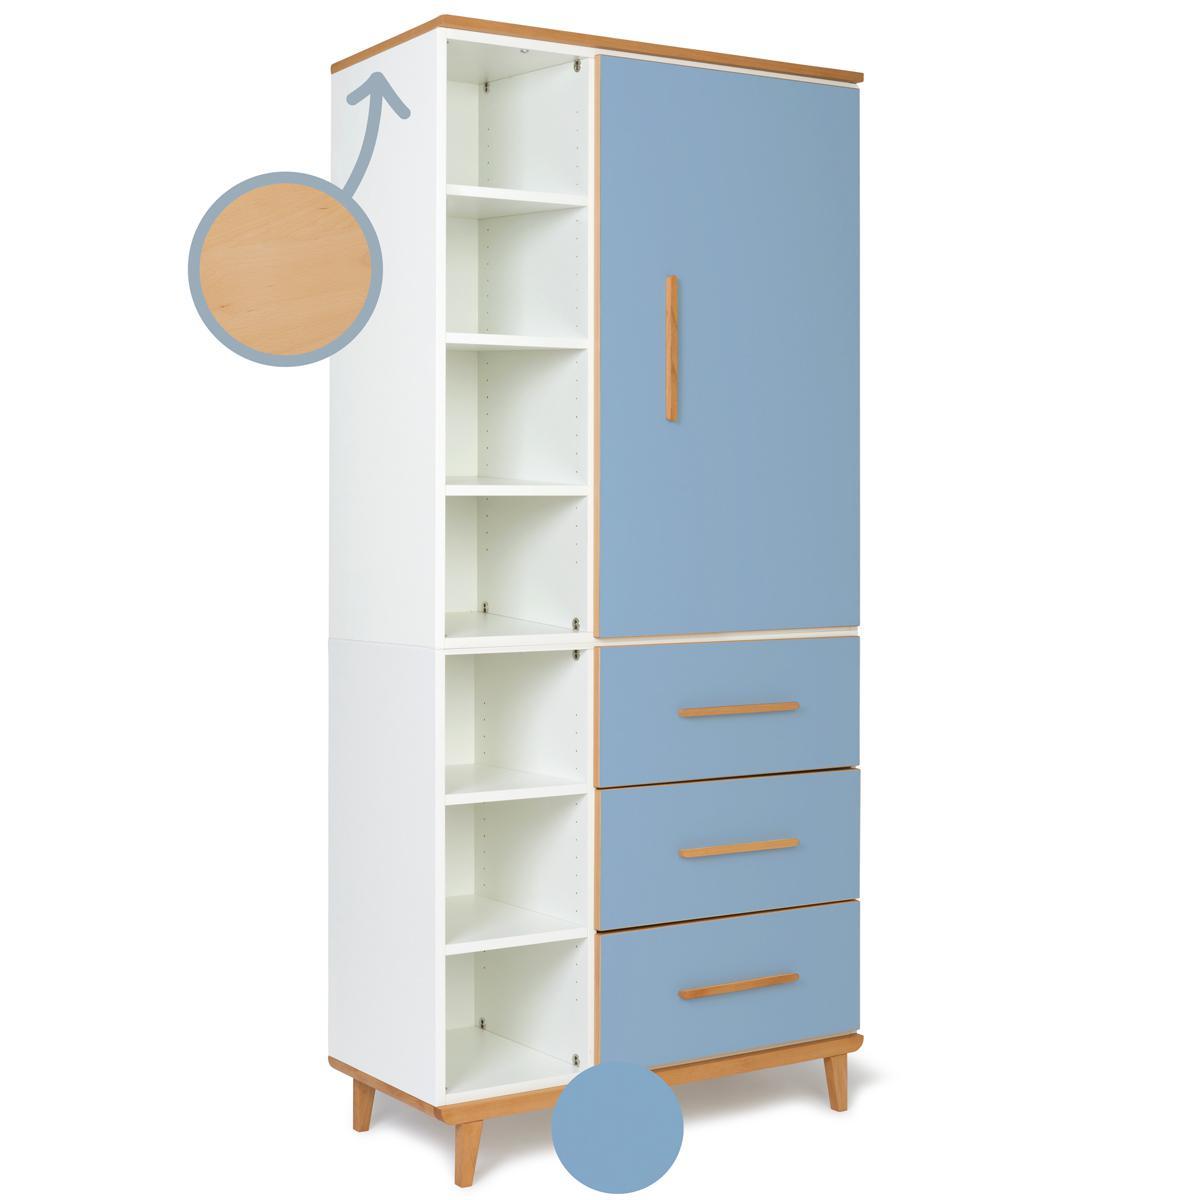 Armoire 198cm 1 porte 3 tiroirs NADO capri blue